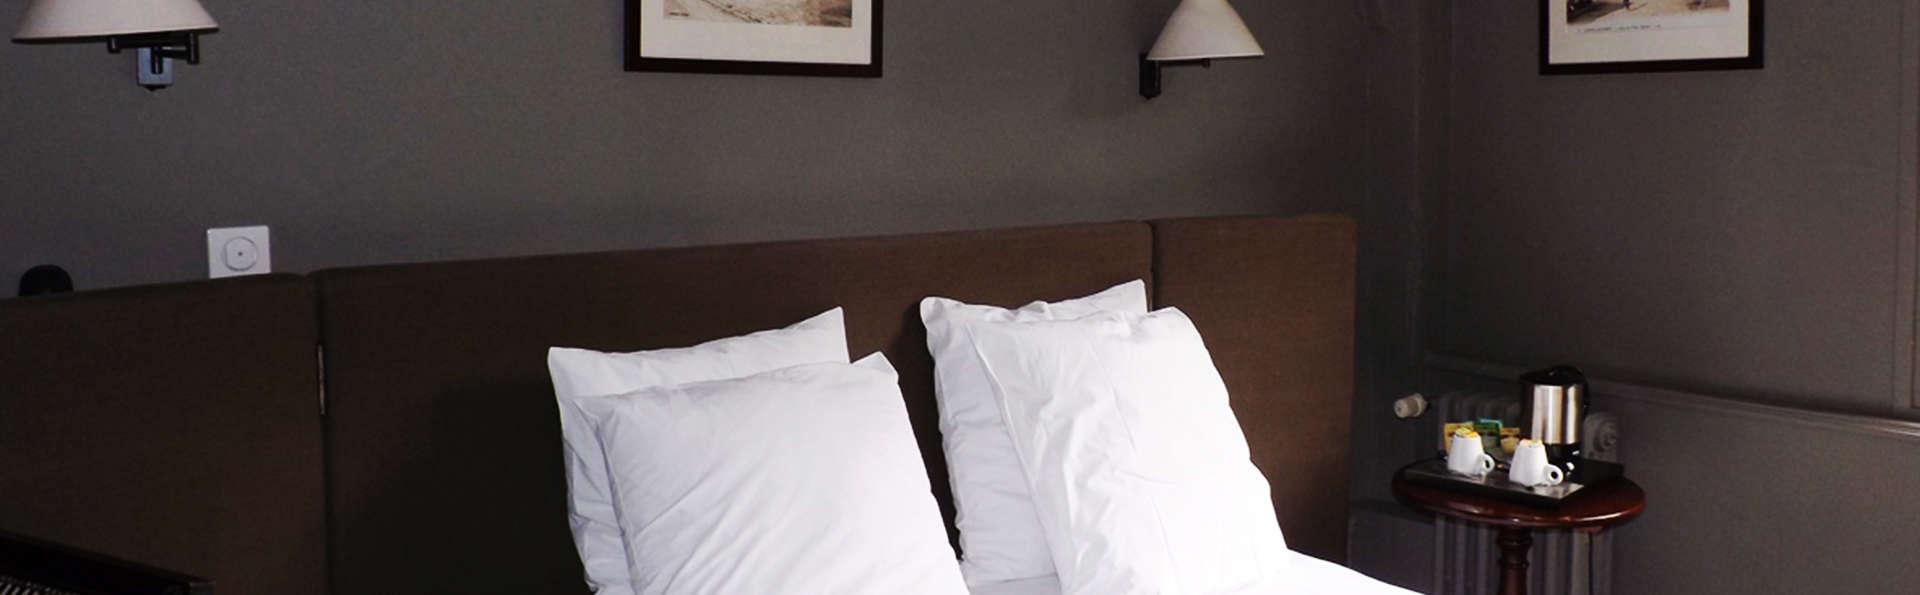 Hôtel La Licorne & Spa - EDIT_privilege2.jpg